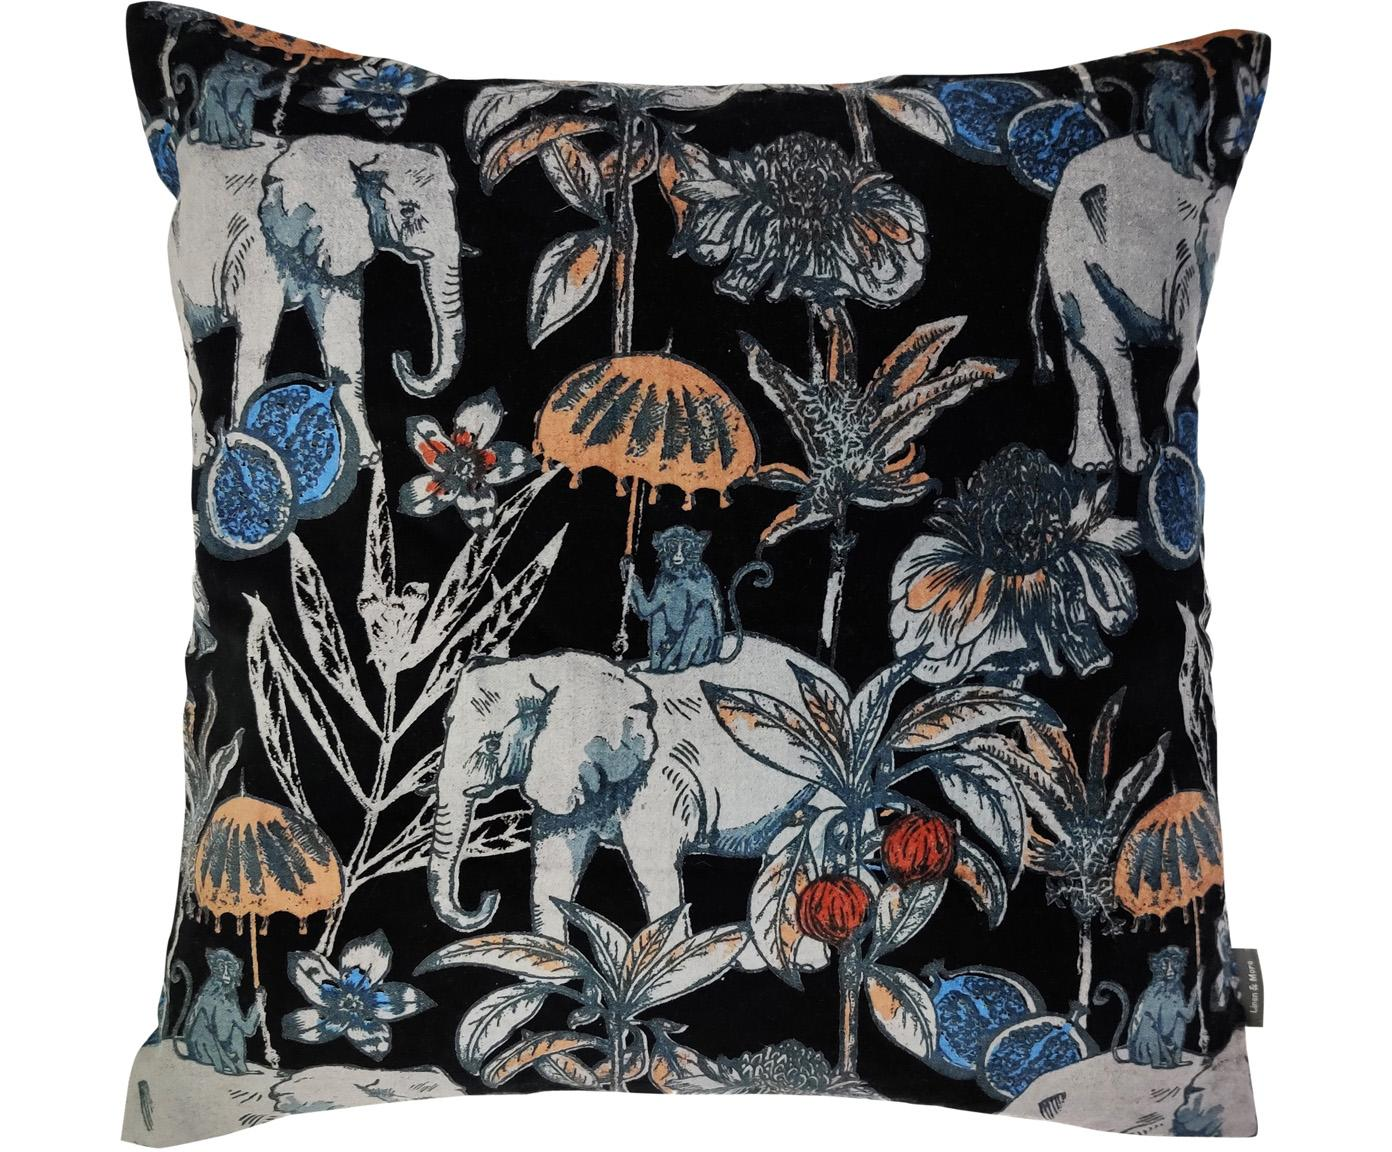 Kissen Elephant, mit Inlett, Bezug: 100% Baumwolle, Schwarz, Mehrfarbig, 45 x 45 cm